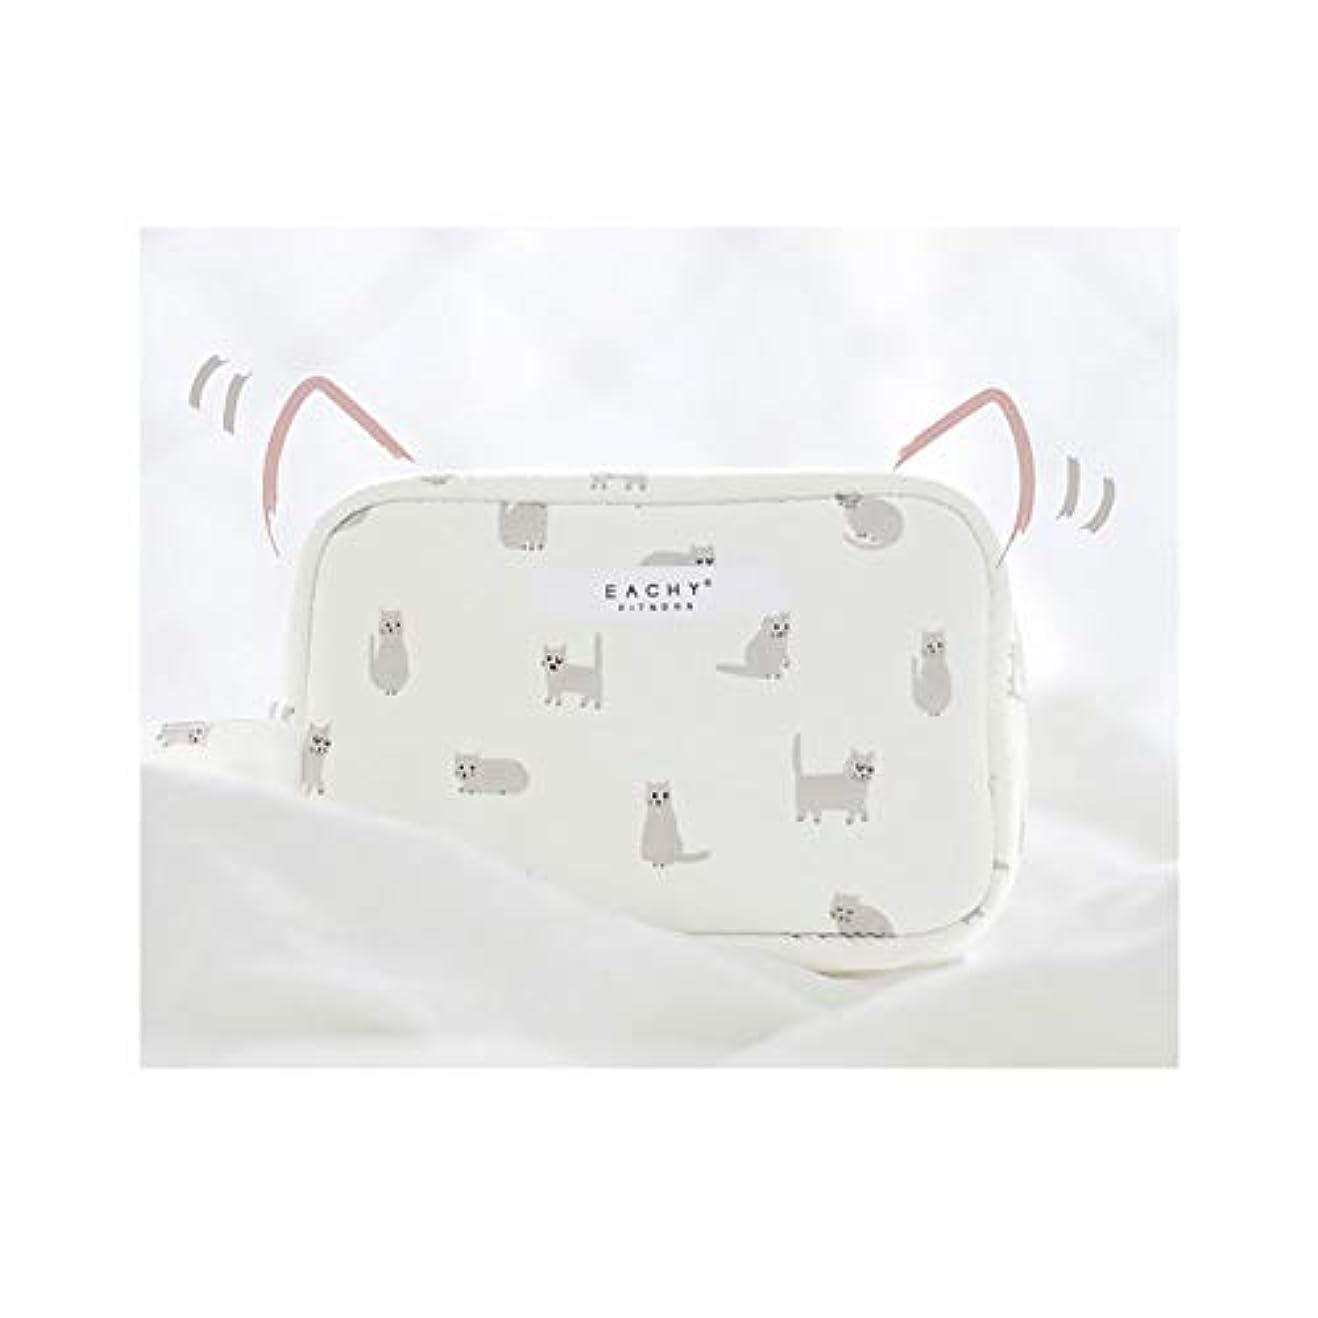 種類フィルタ病なNEOVIVA 化粧ポーチ コスメポーチ メイク収納バッグ かわいい 軽量 防水 旅行小物ポーチ 猫 ホワイト S